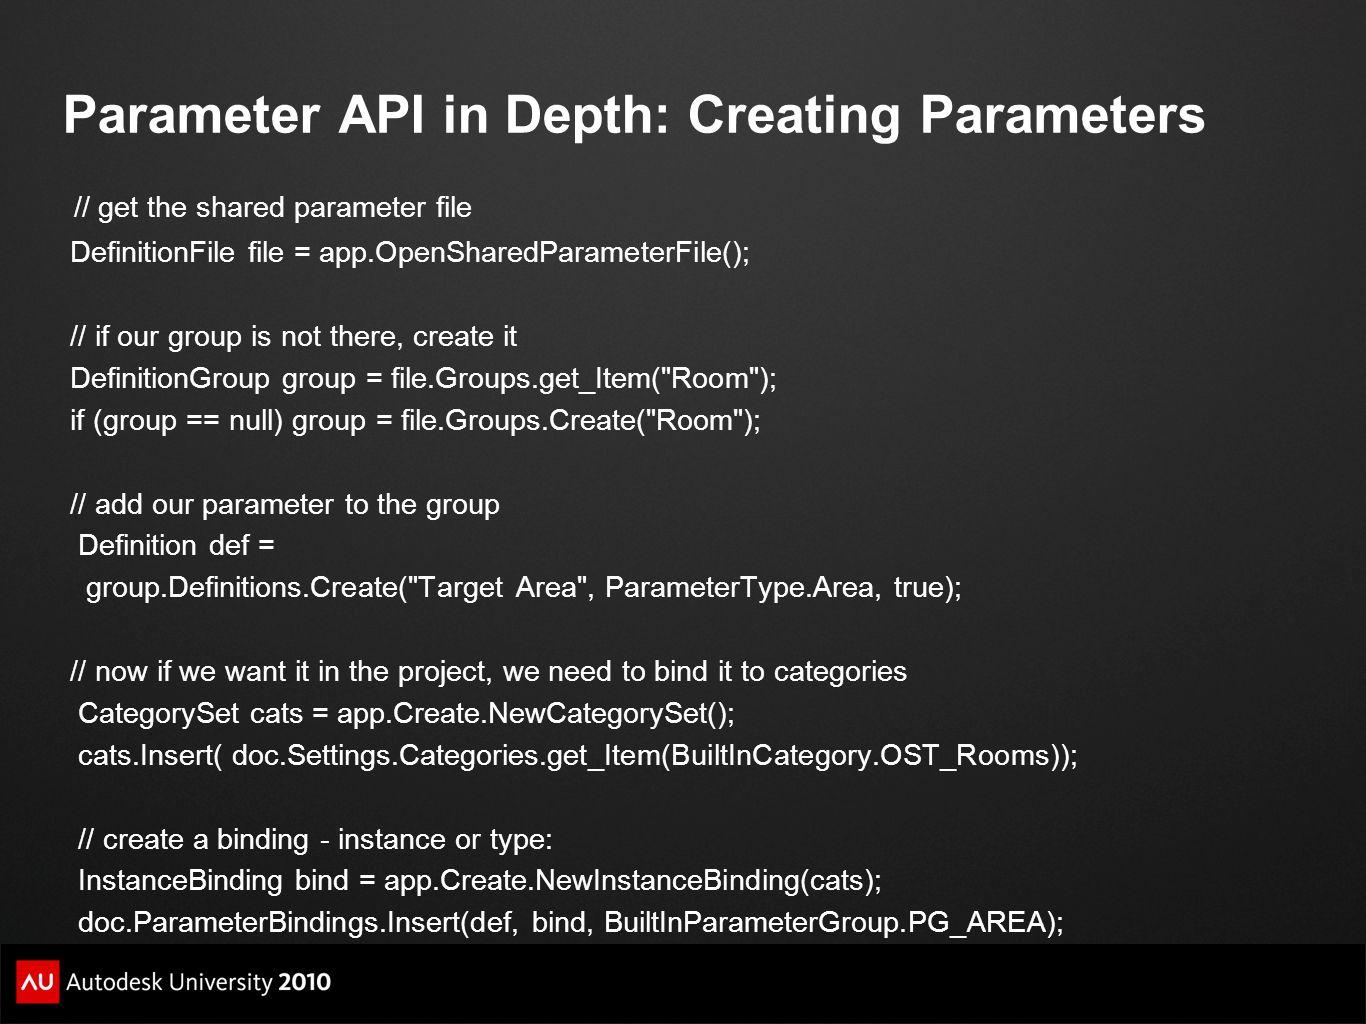 Parameter API in Depth: Creating Parameters